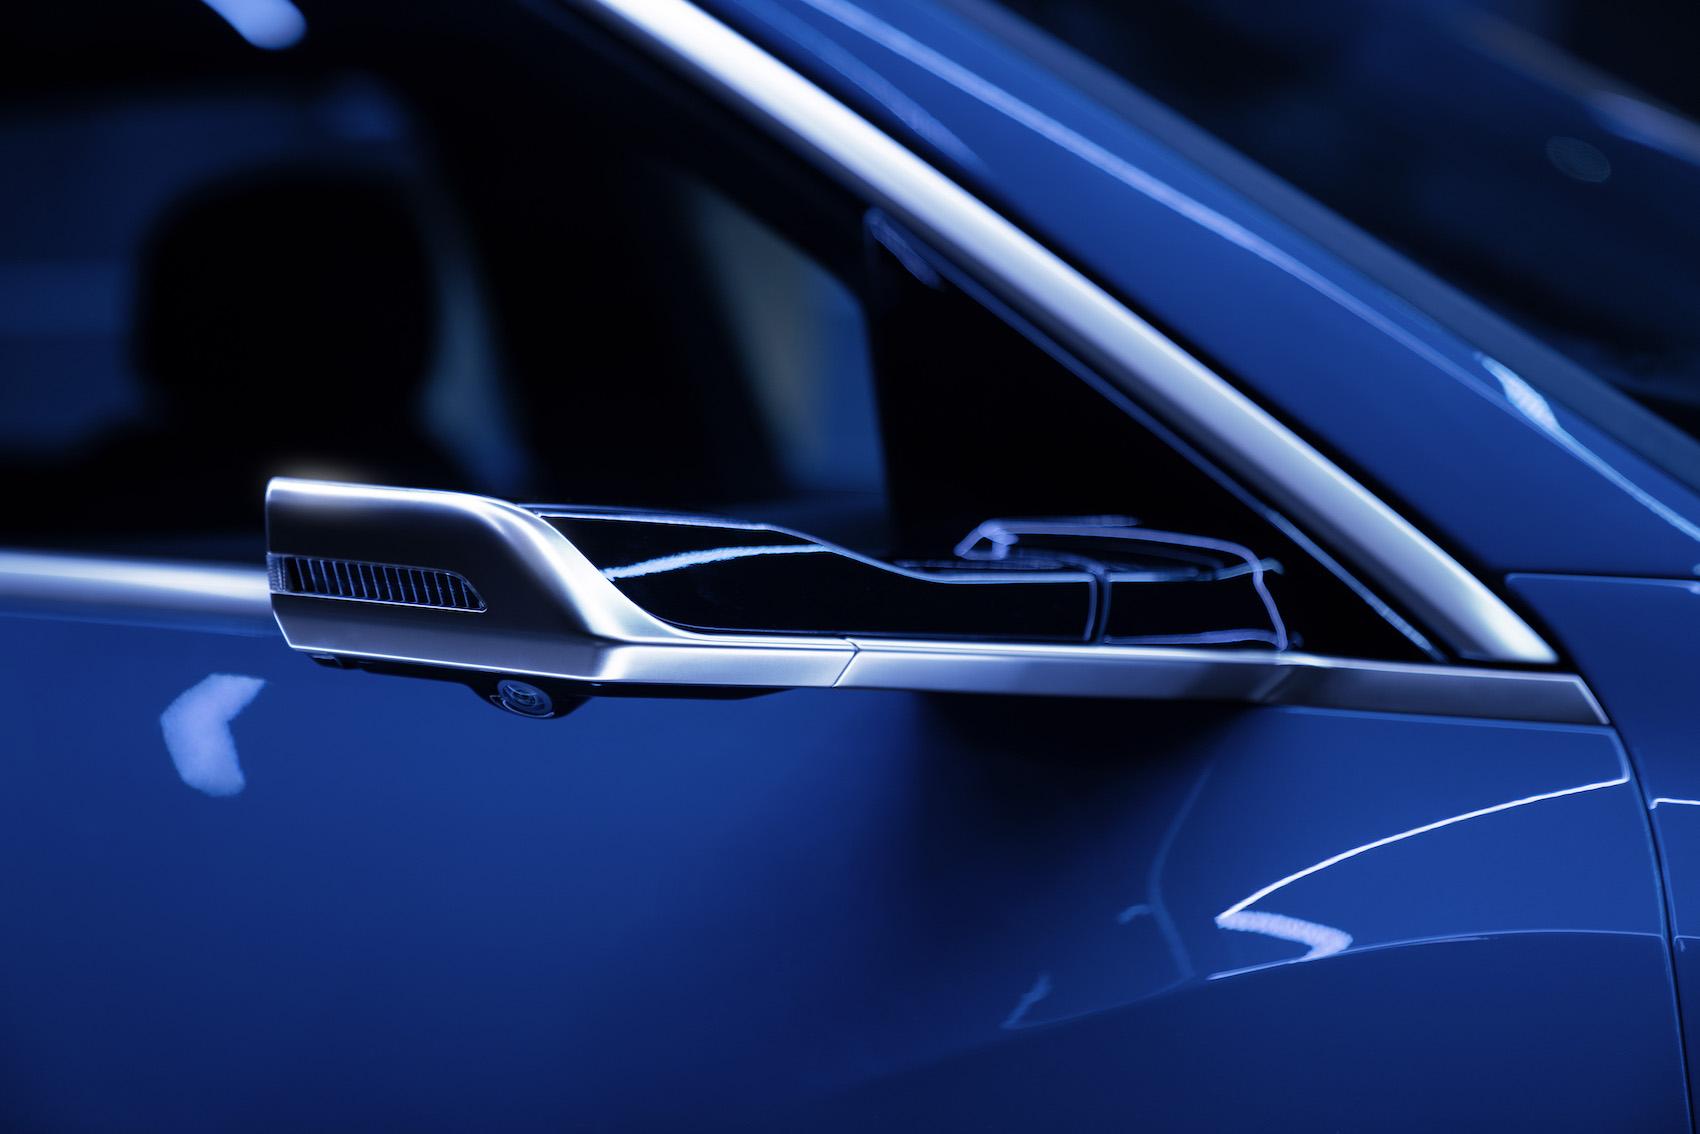 Proposés en option, les rétroviseurs extérieurs virtuels font partie de ce concept aérodynamique intelligent.